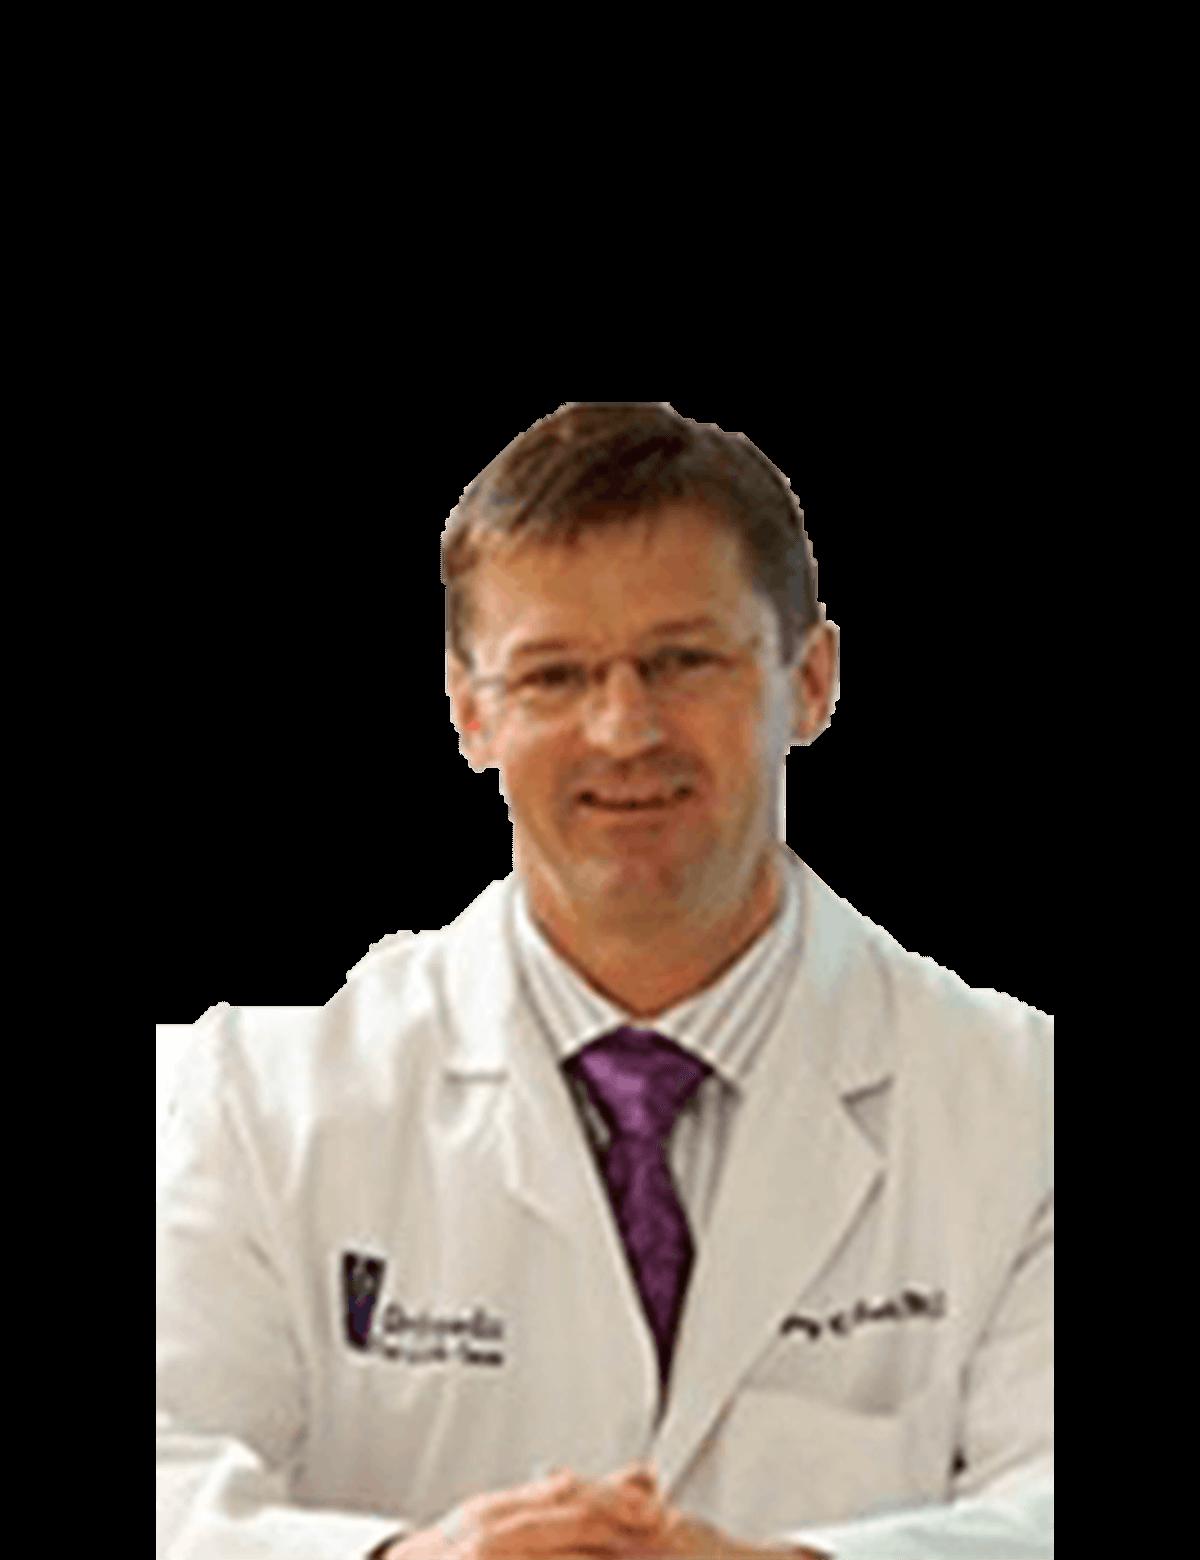 Dr. Gregory Berlet